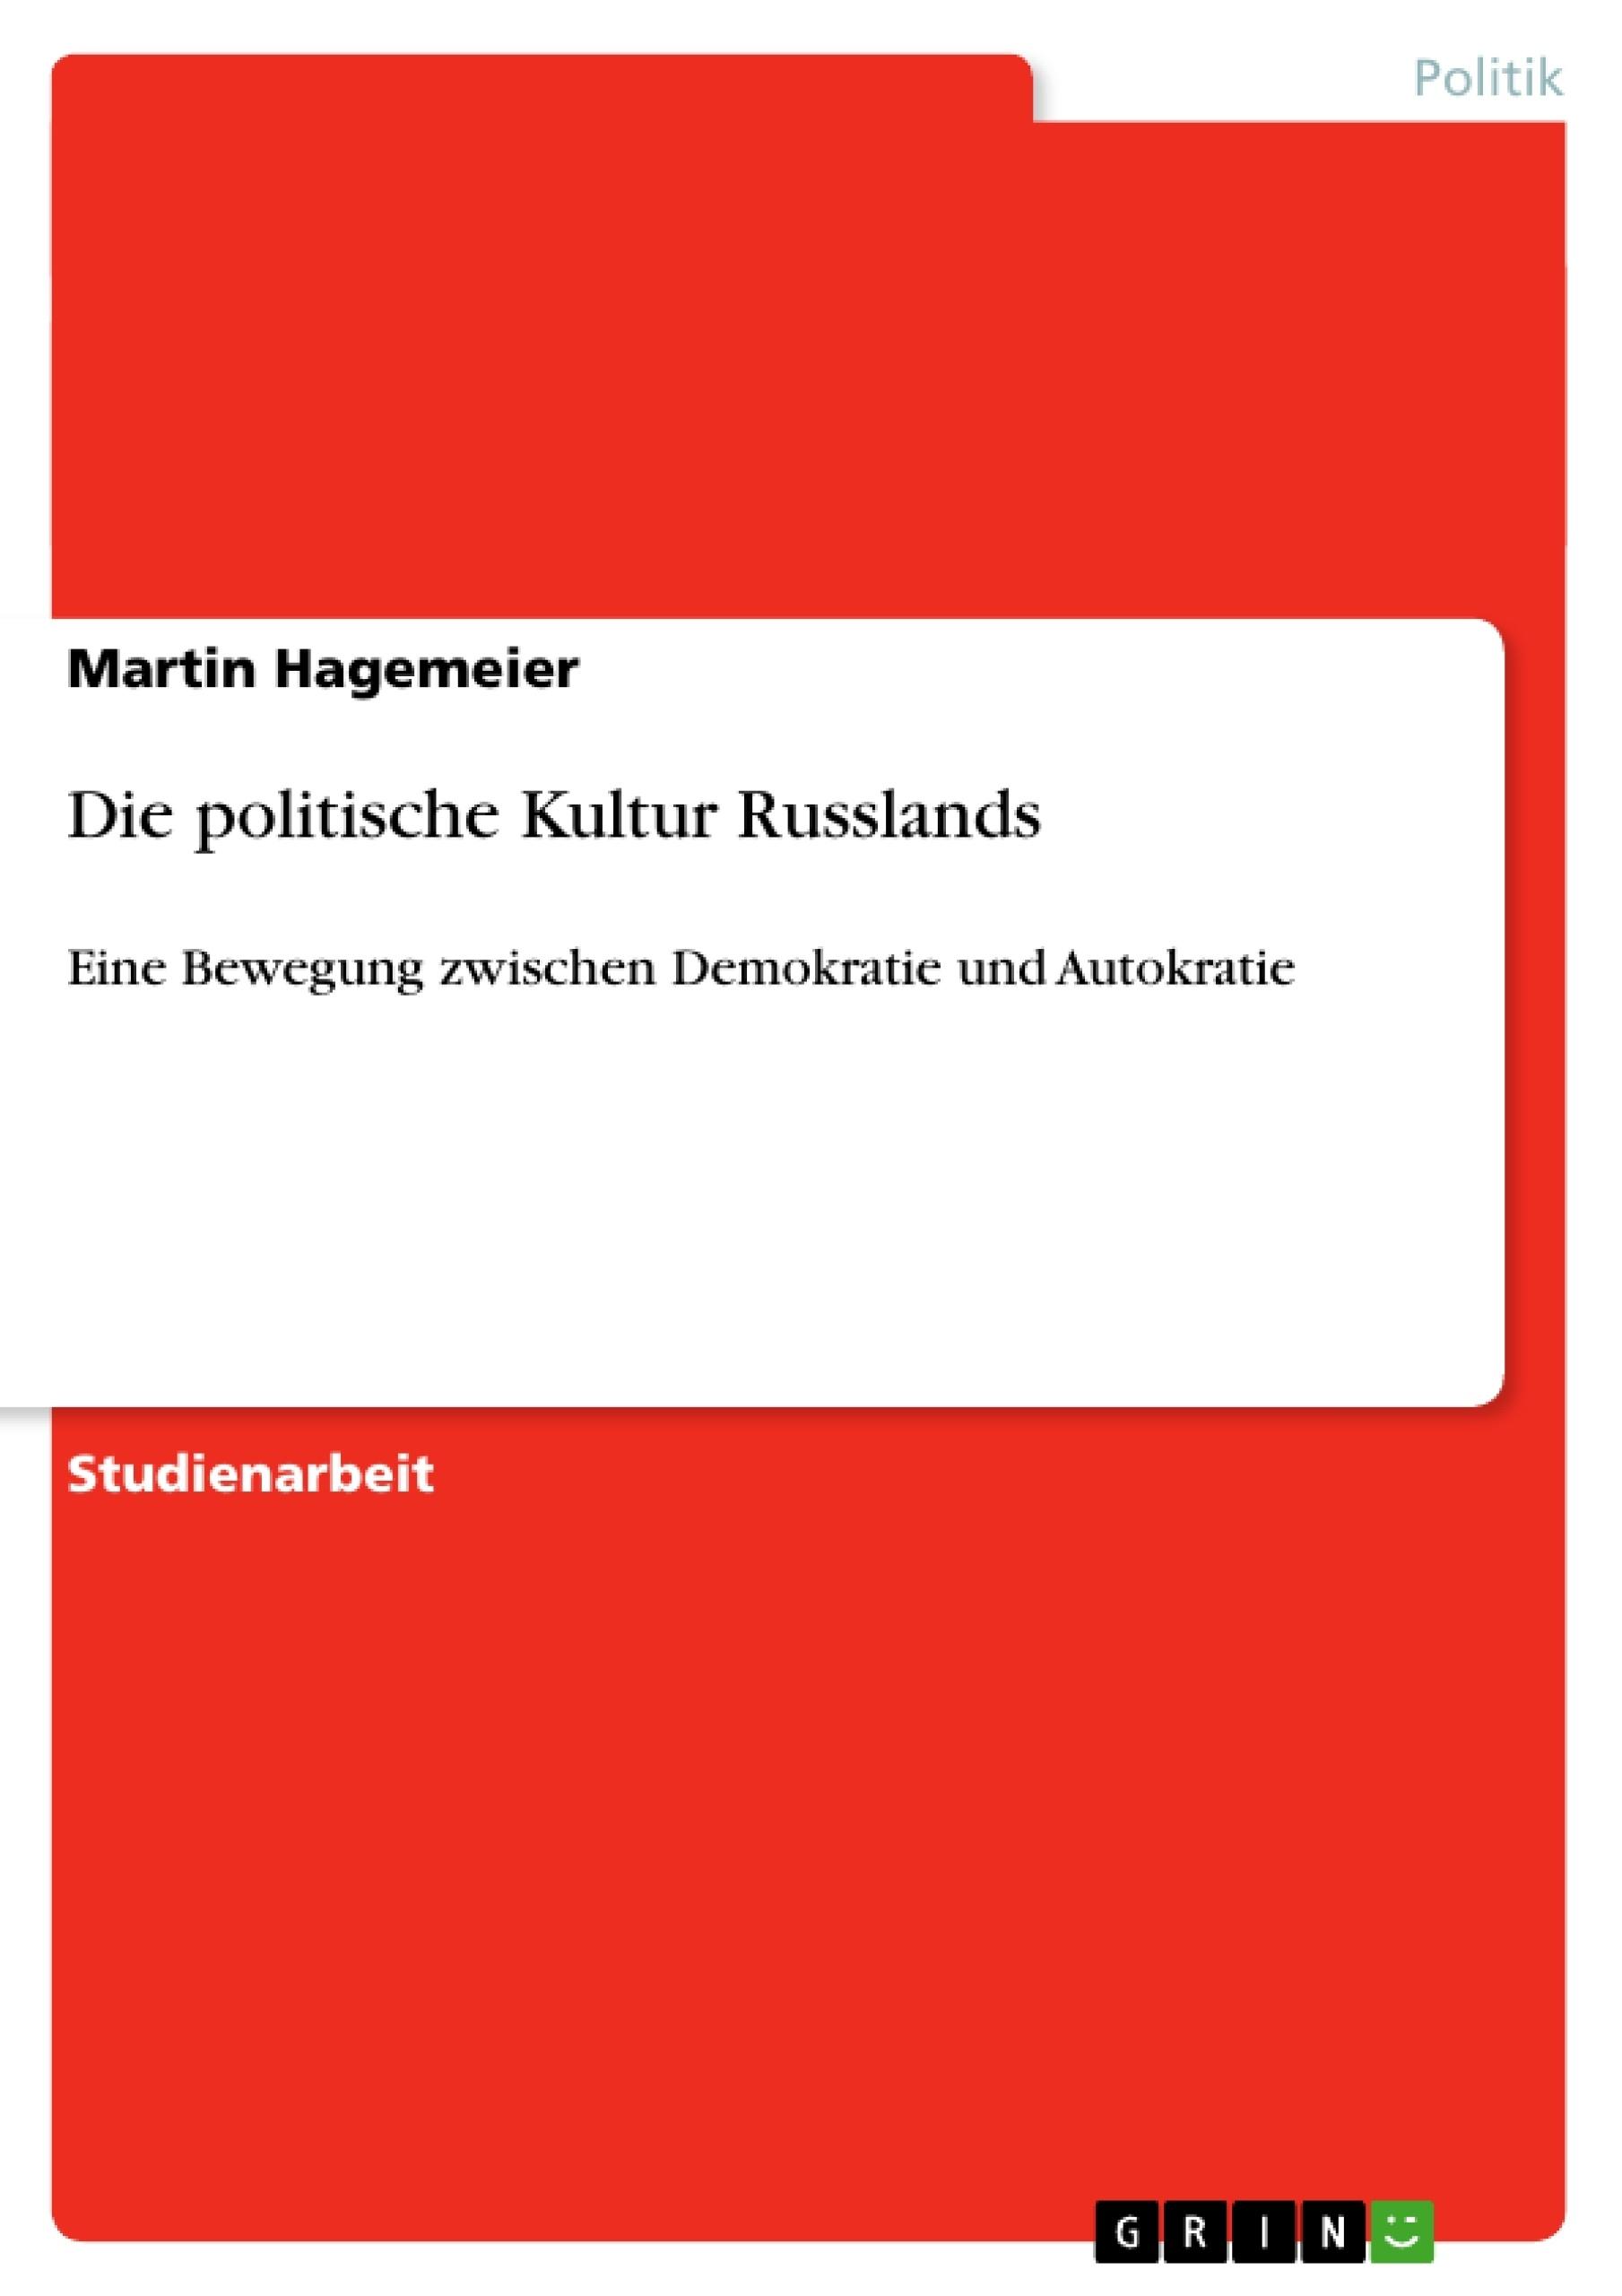 Titel: Die politische Kultur Russlands